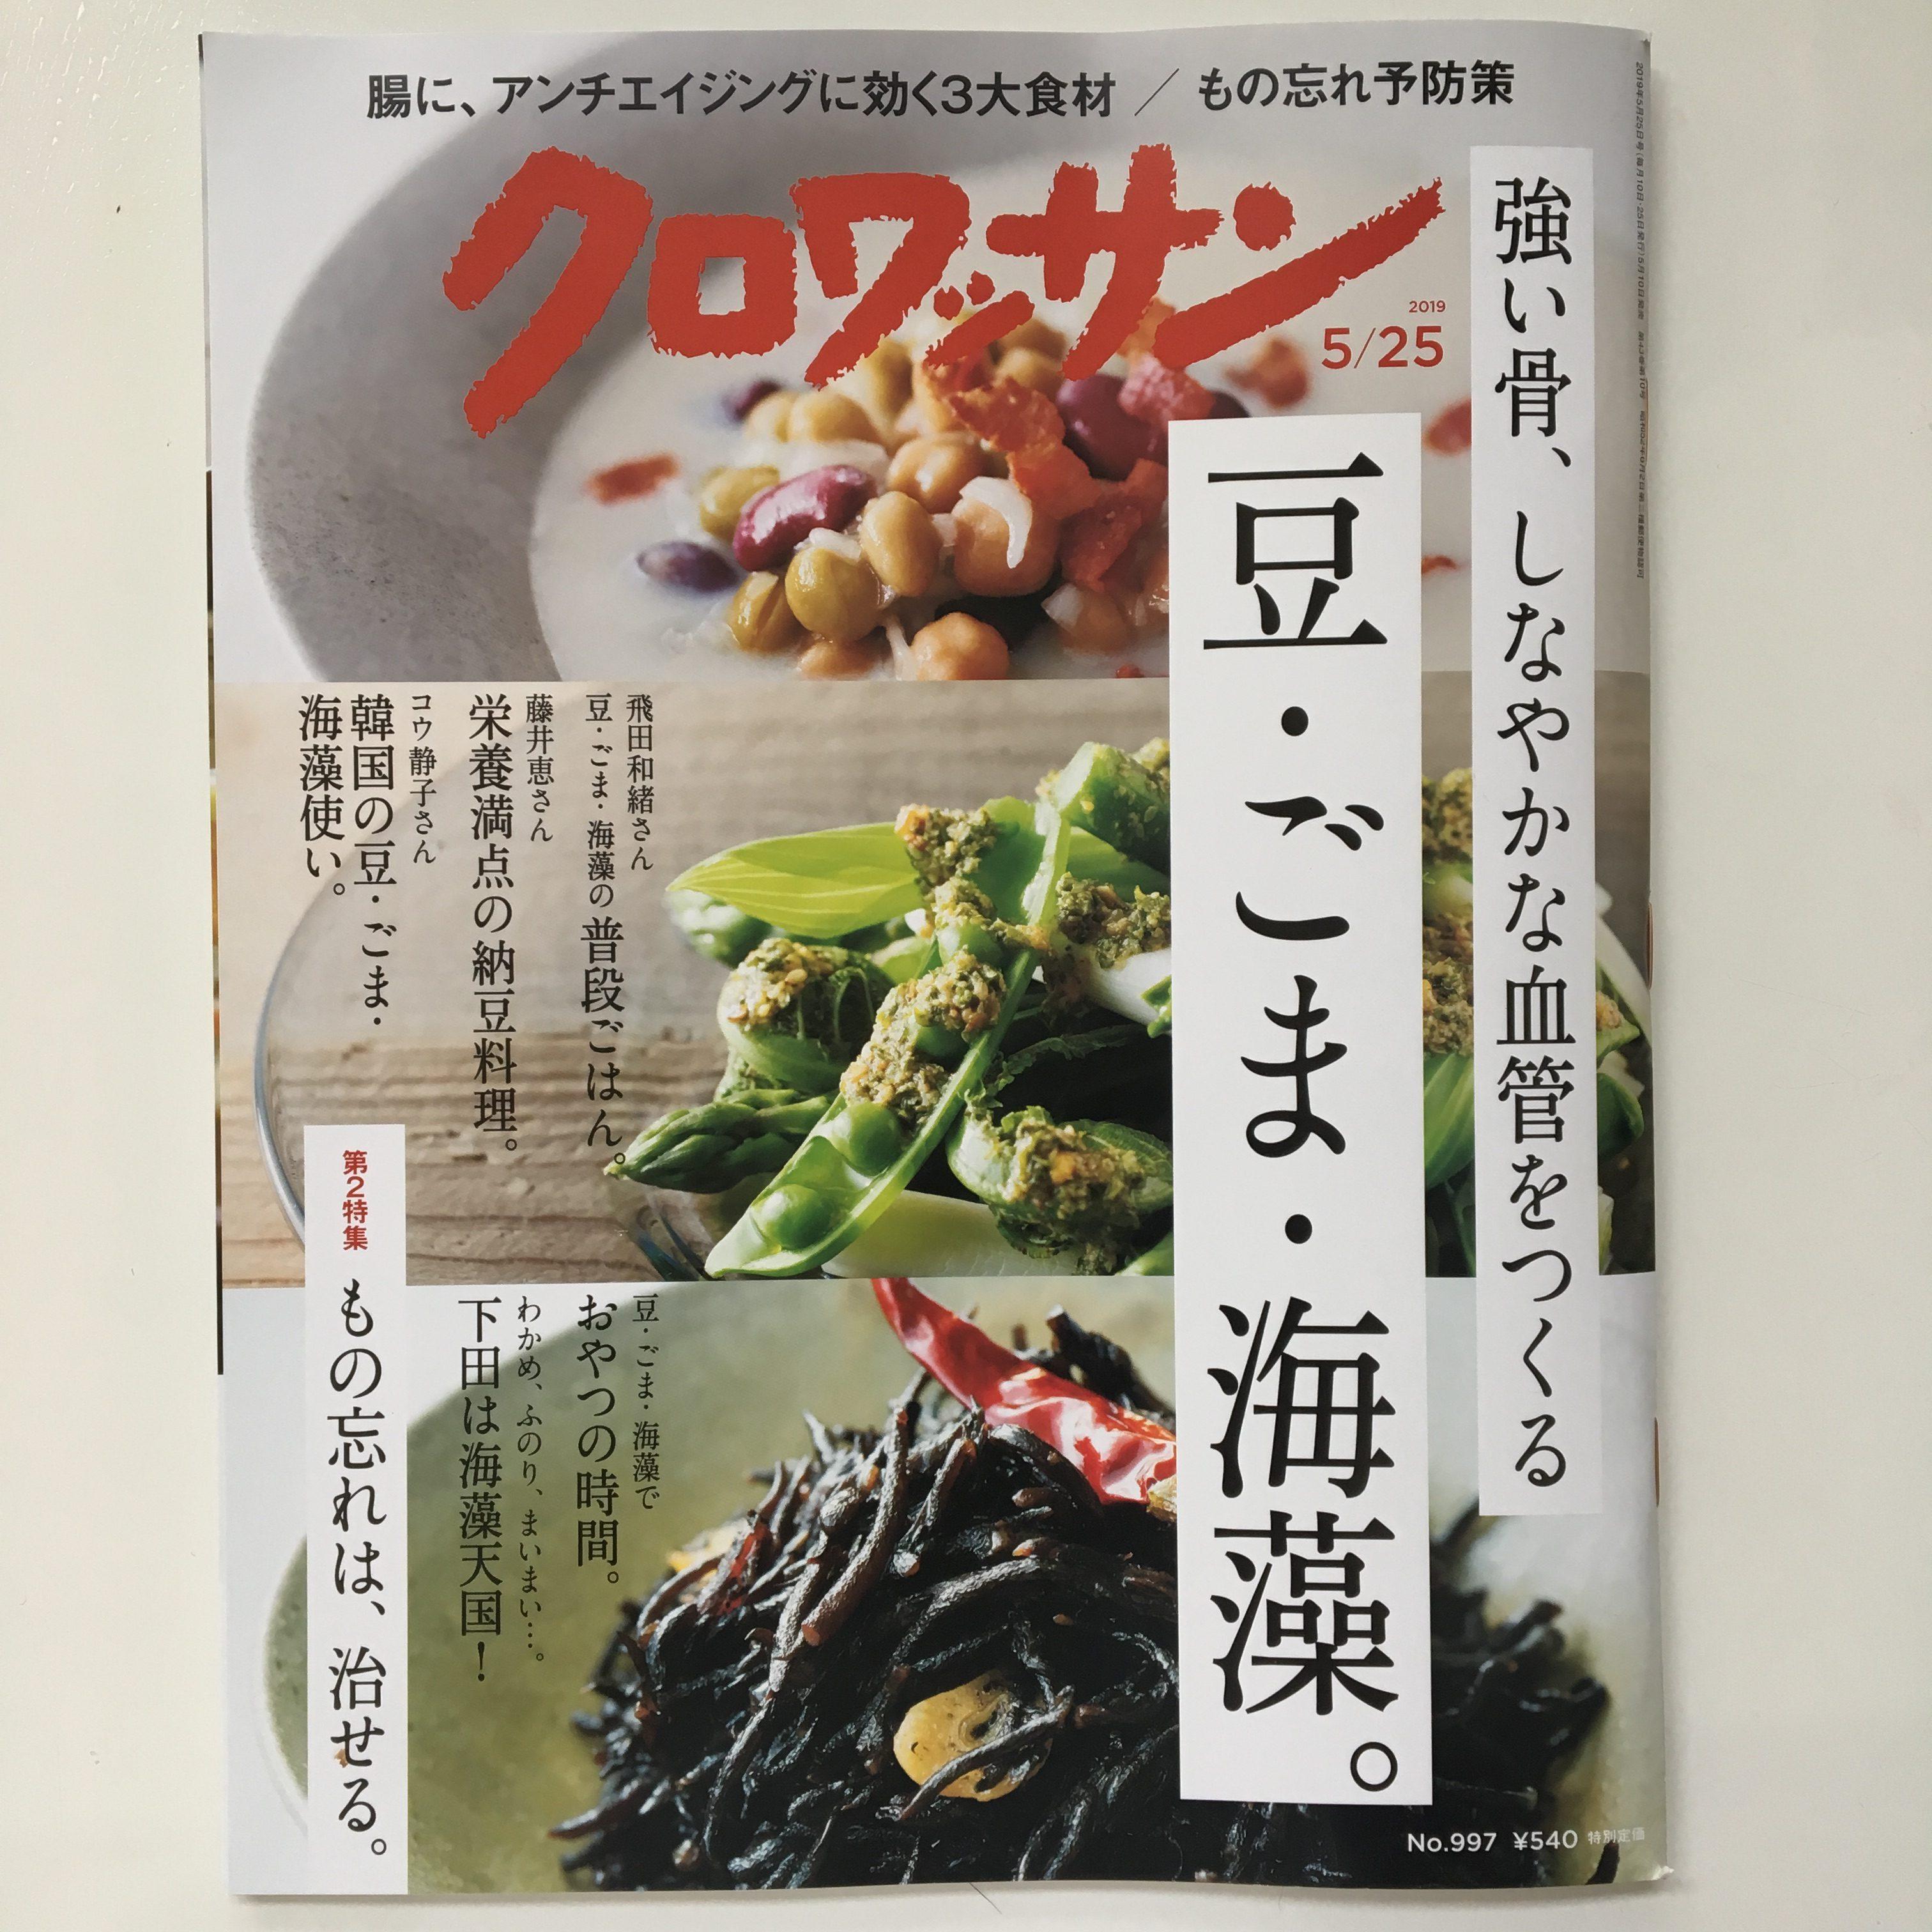 【掲載】クロワッサン:合わせ酢で料理上手&運動会